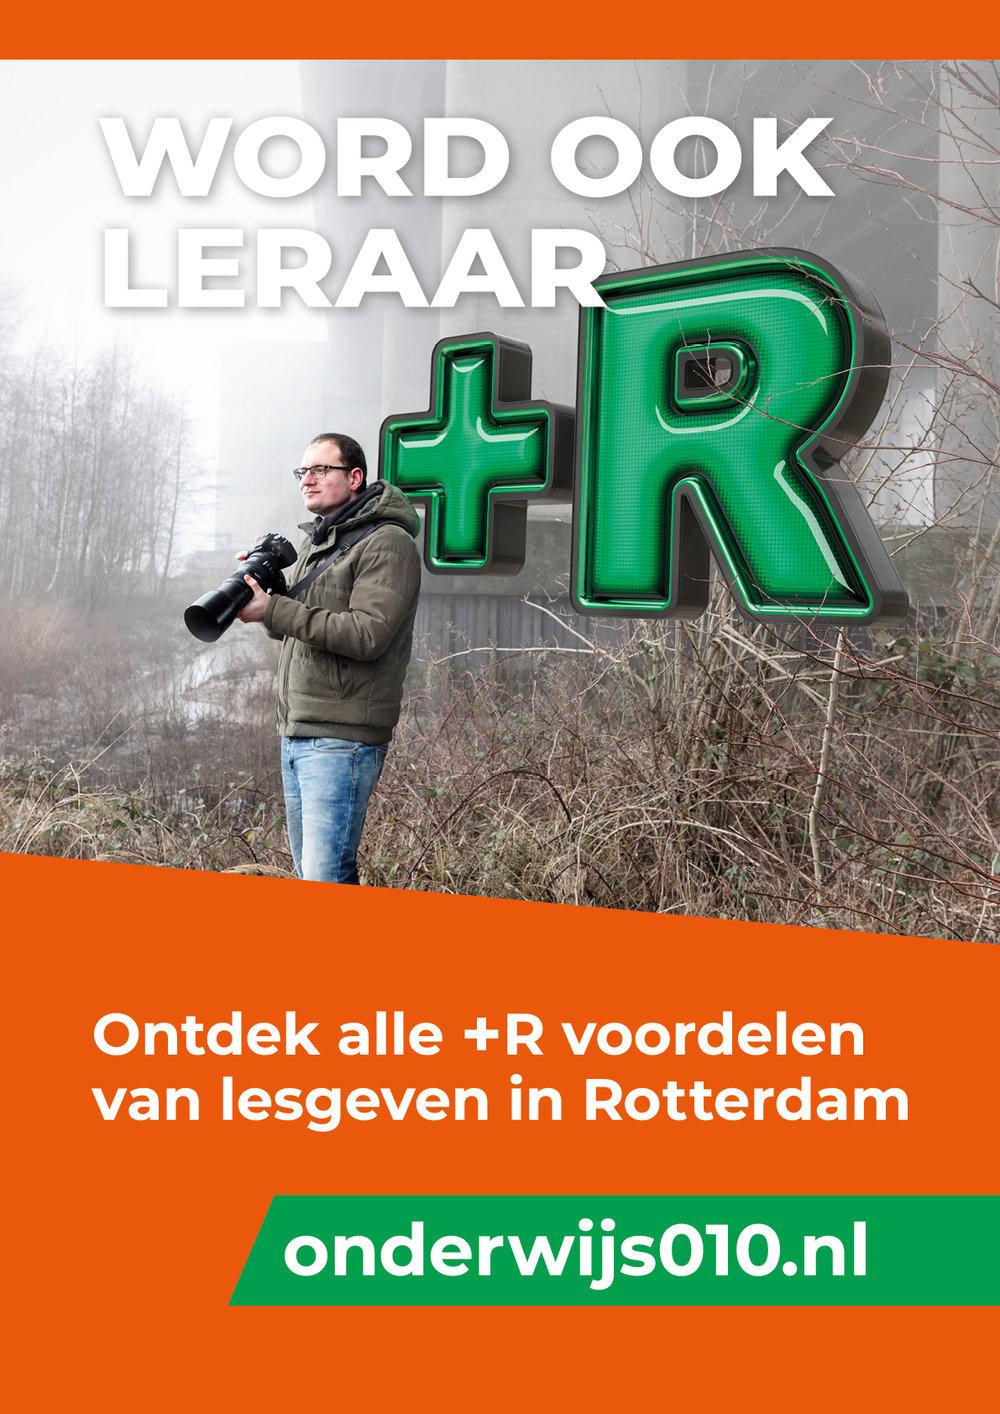 0to9: Campagne voor 'Word een Leraar+R in Rotterdam', Frank.